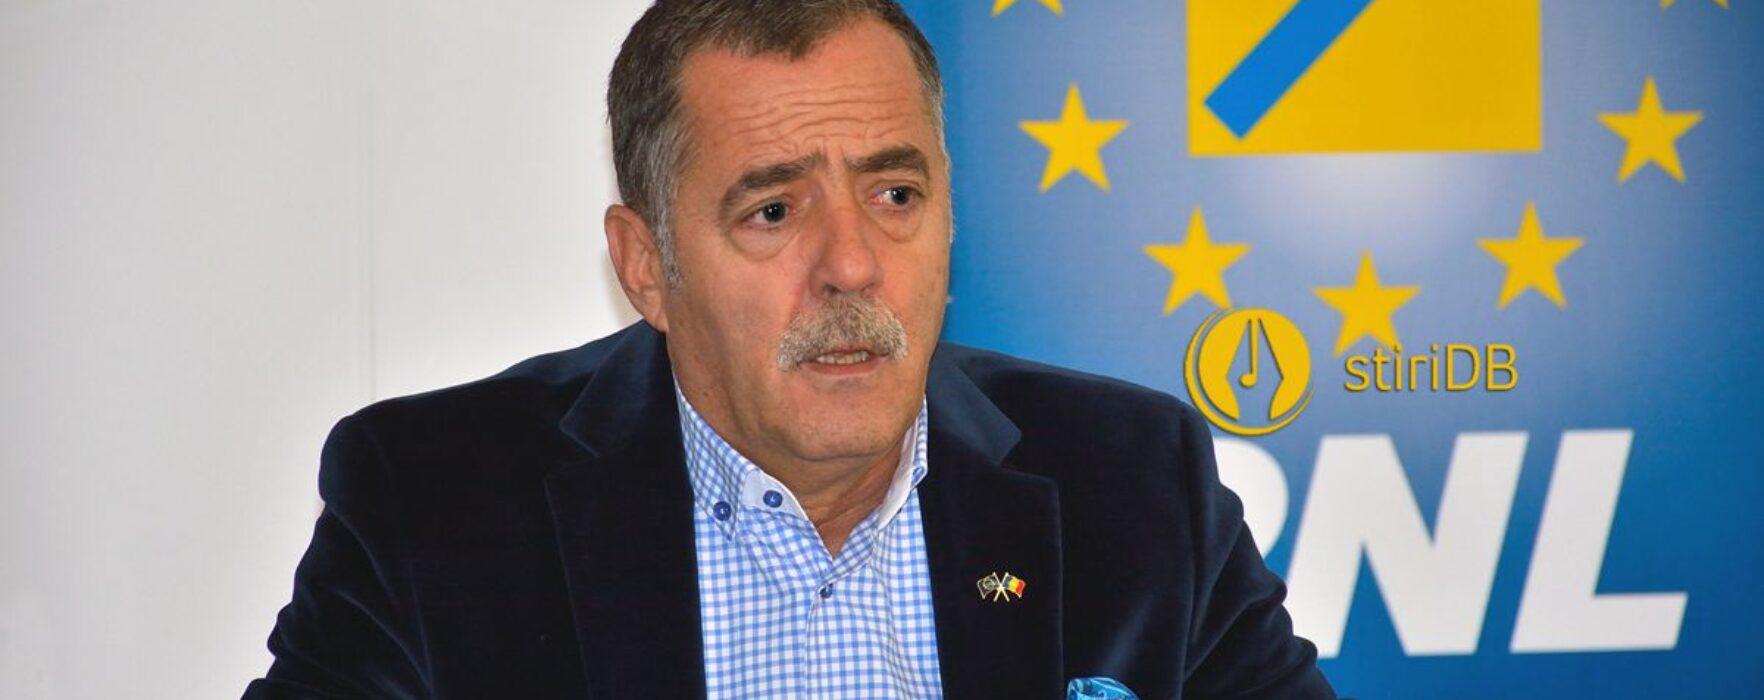 Cezar Preda, despre rezultatele din Dâmboviţa: Felicit PSD, PNL va face o opoziţie corectă